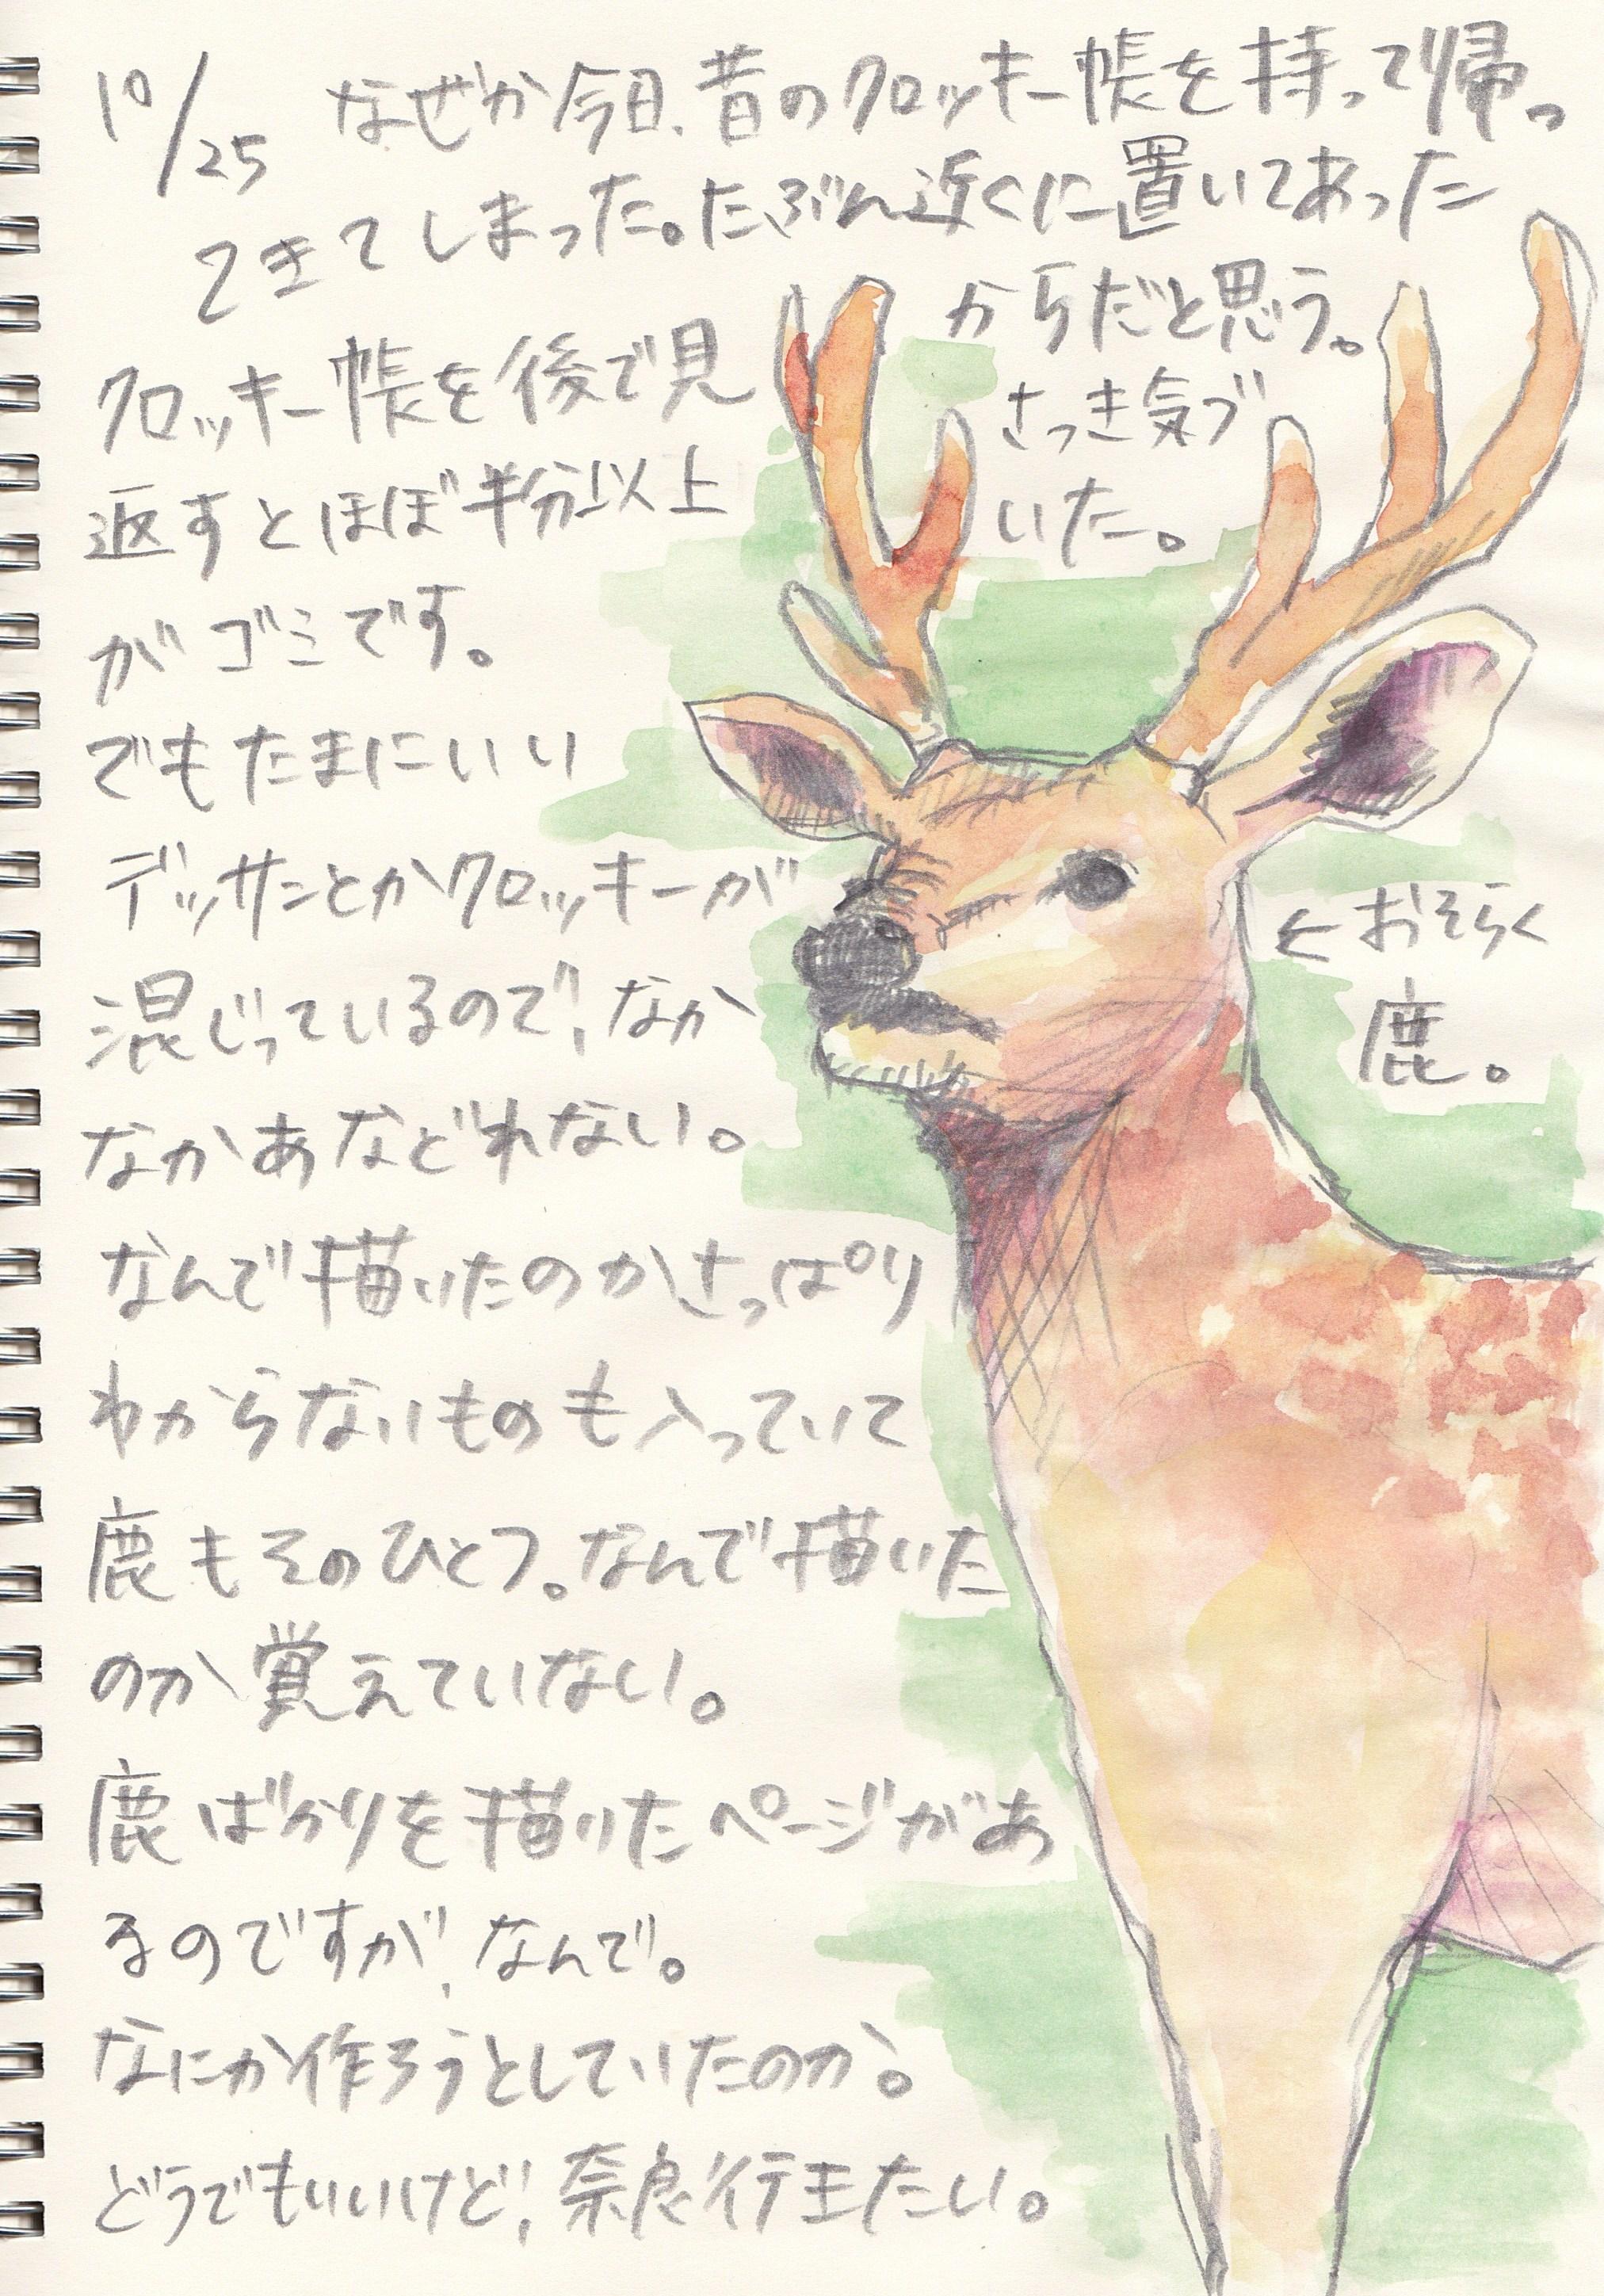 f:id:hikikoma:20161025225357j:plain